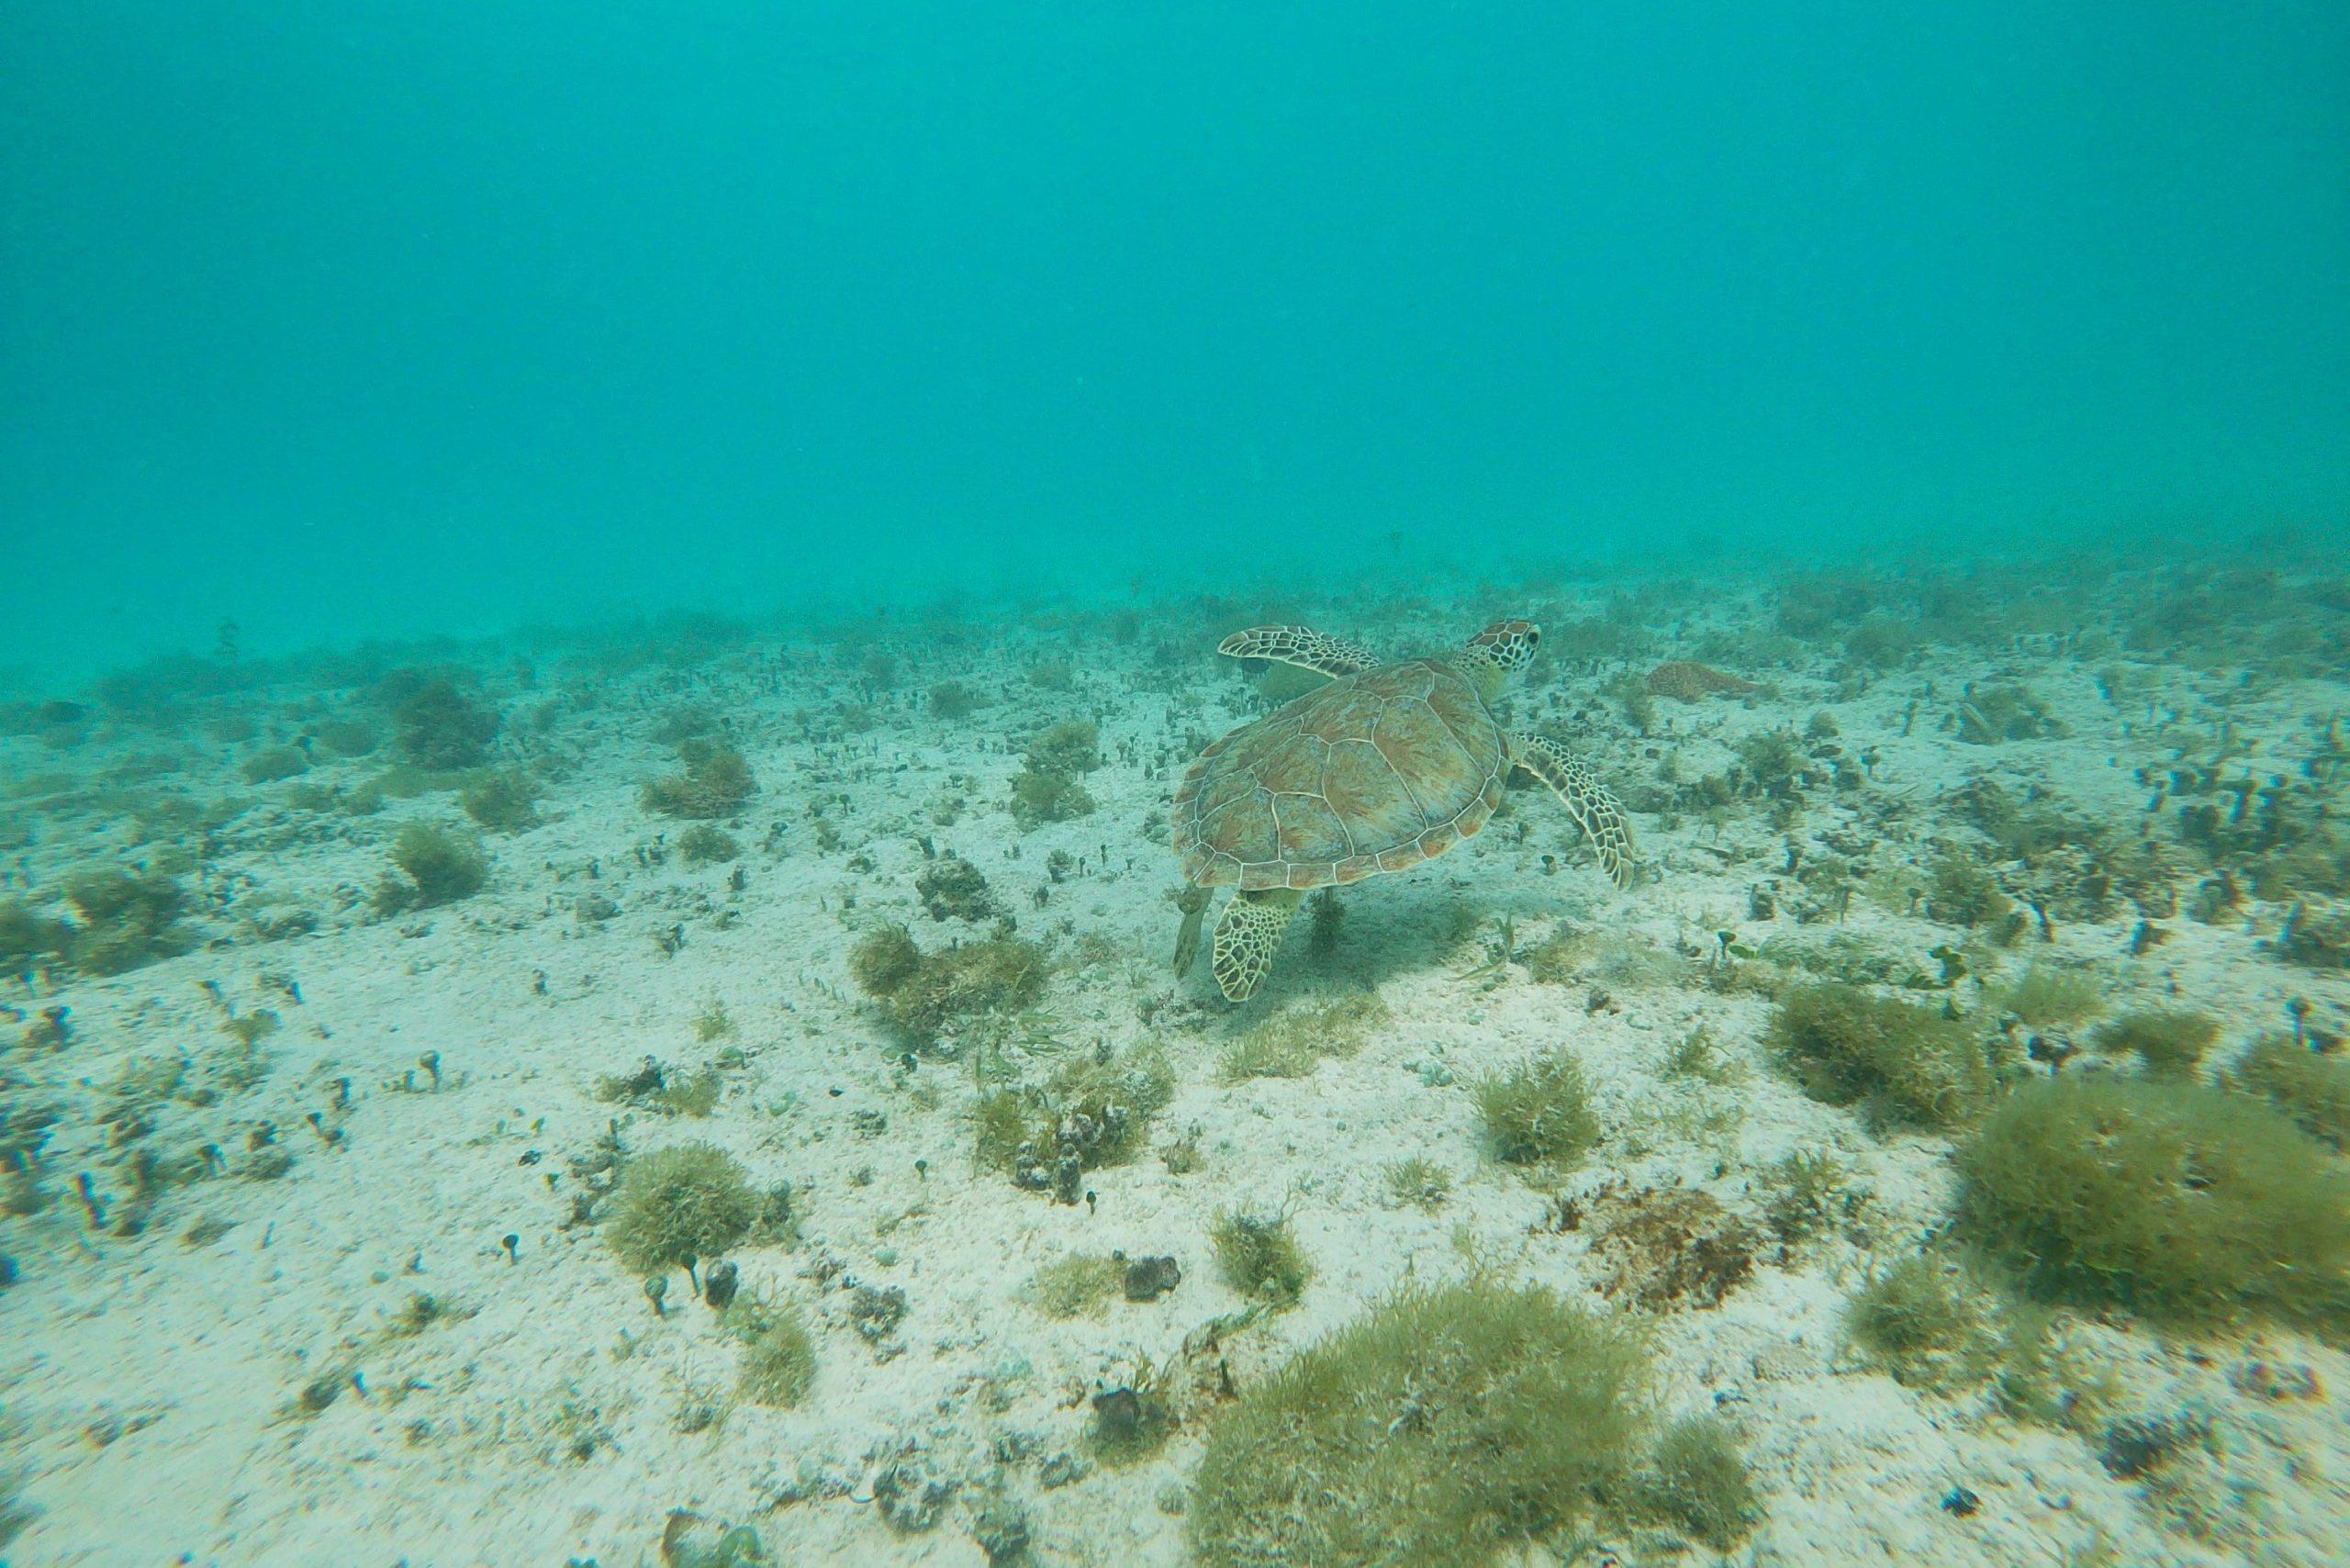 Sea turtle at Tres Trapi